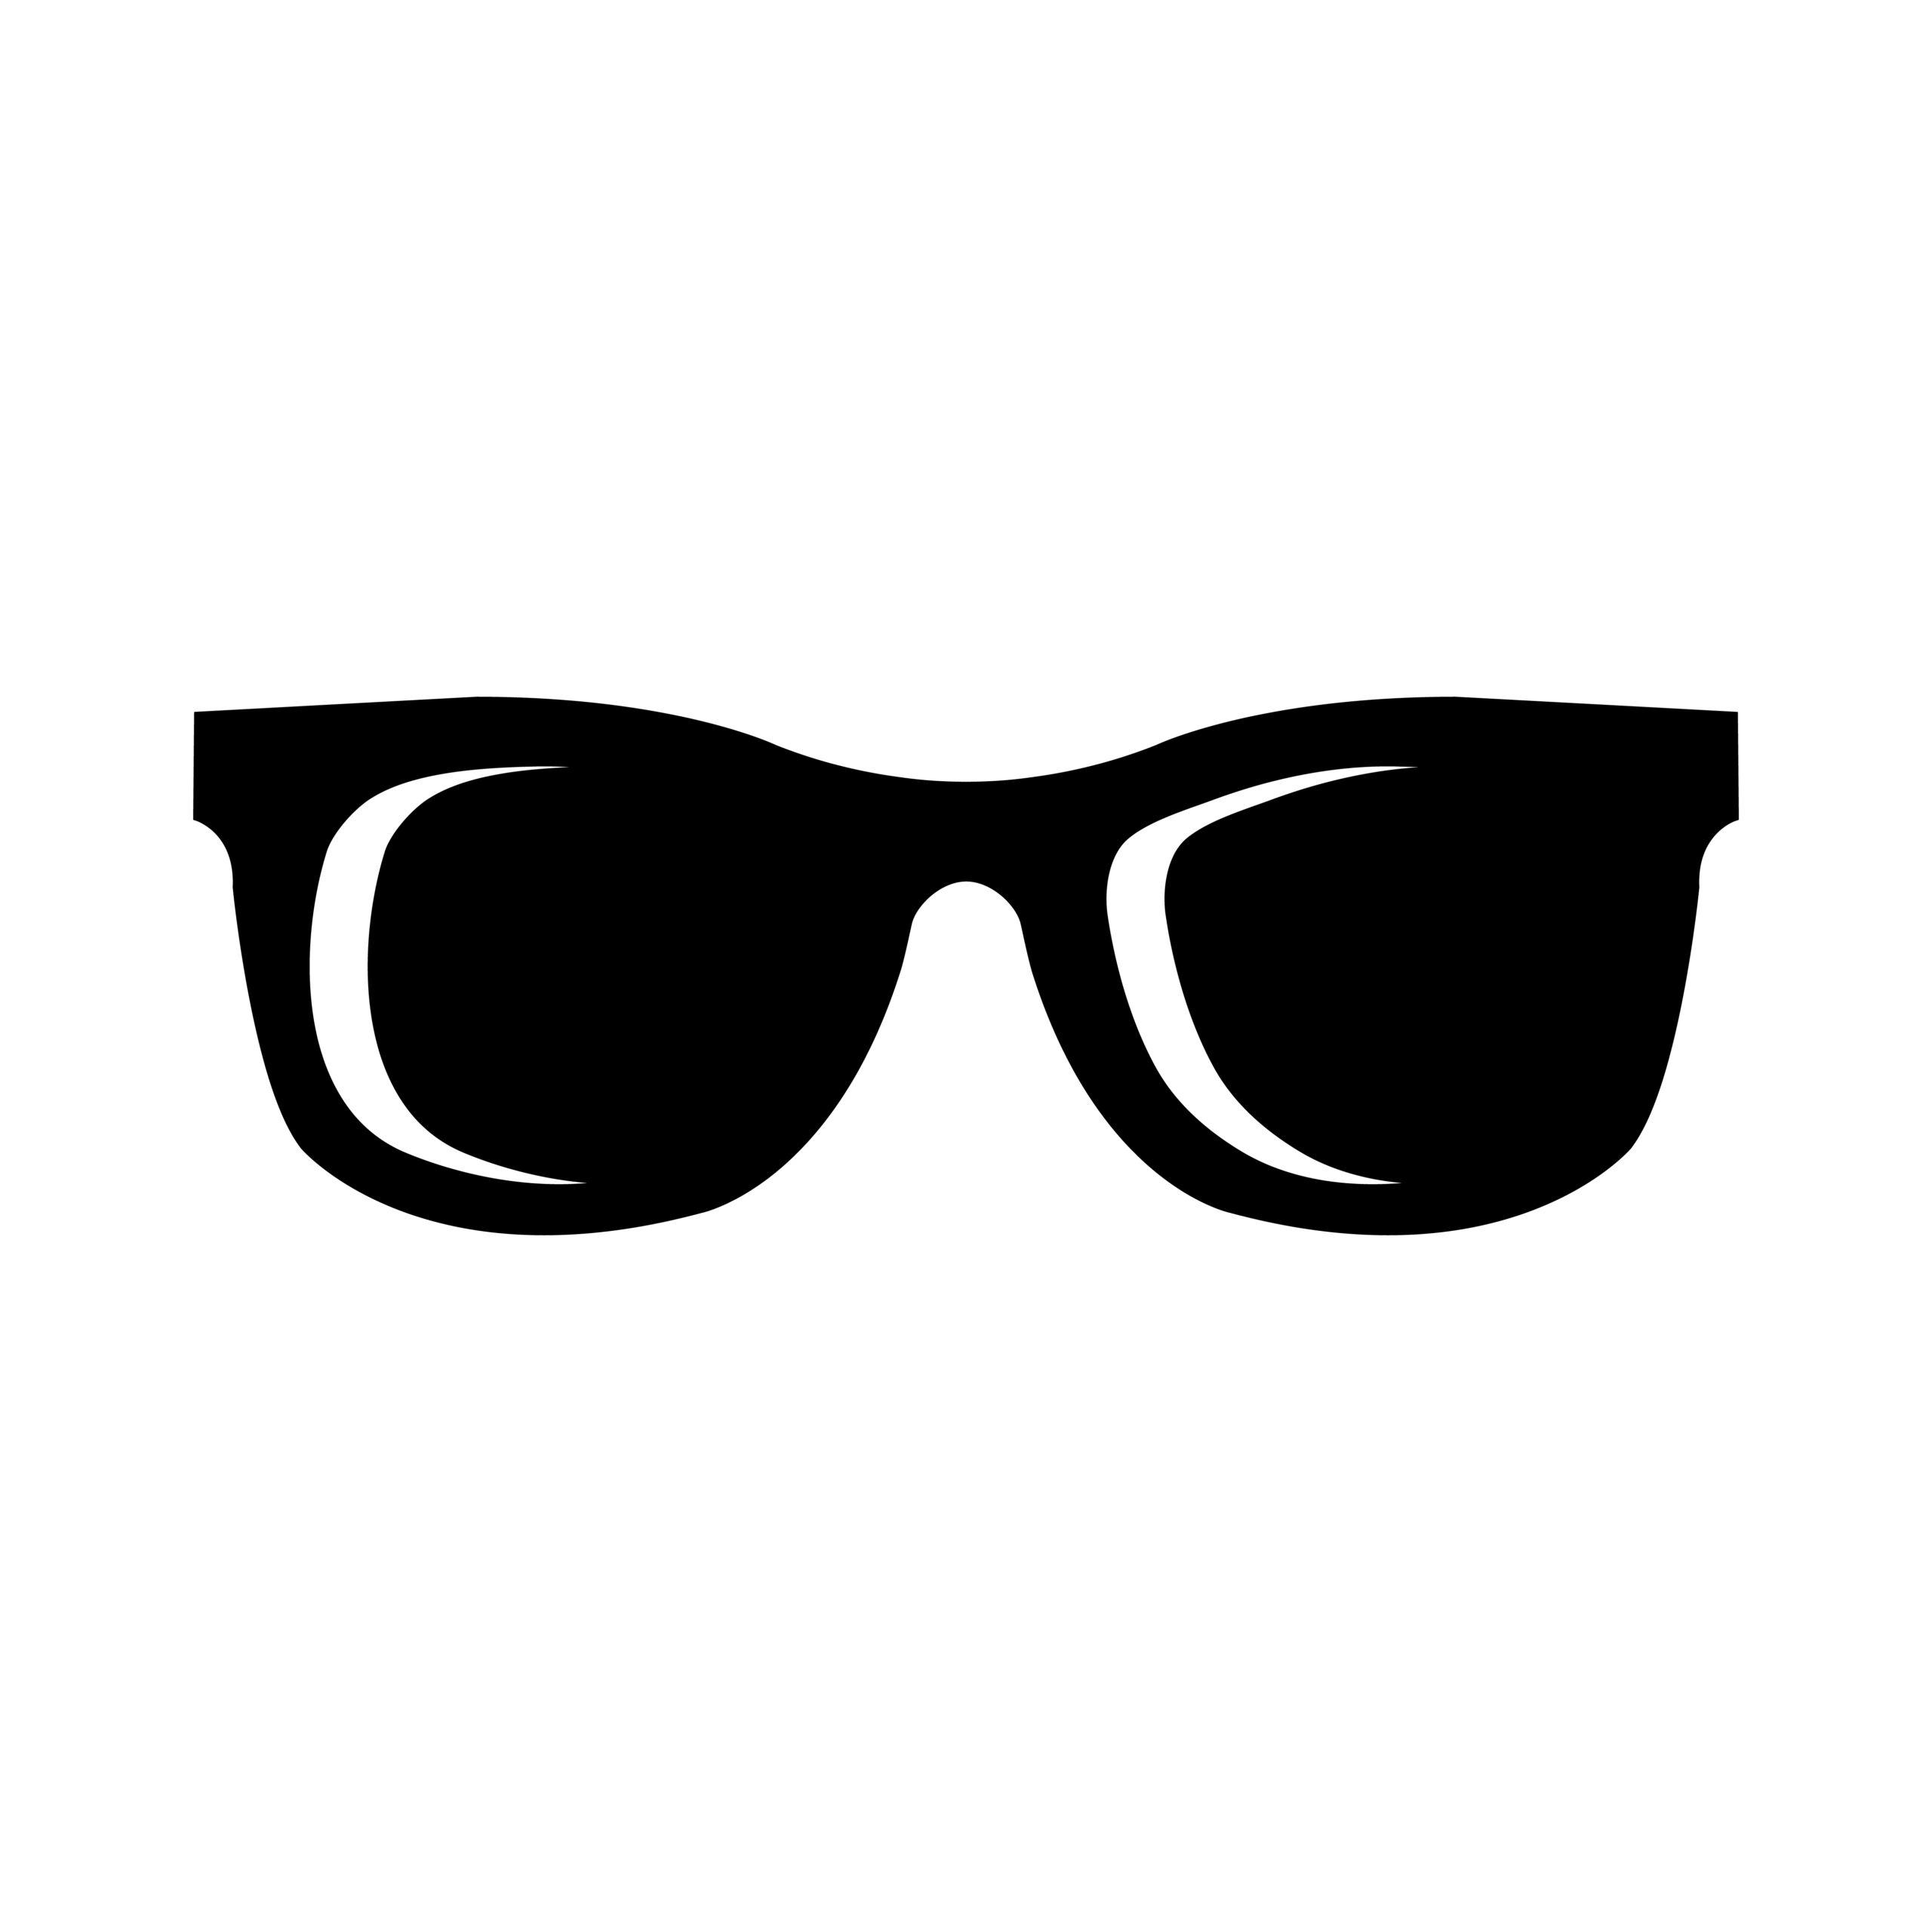 Naklejka na samochód okulary 5t